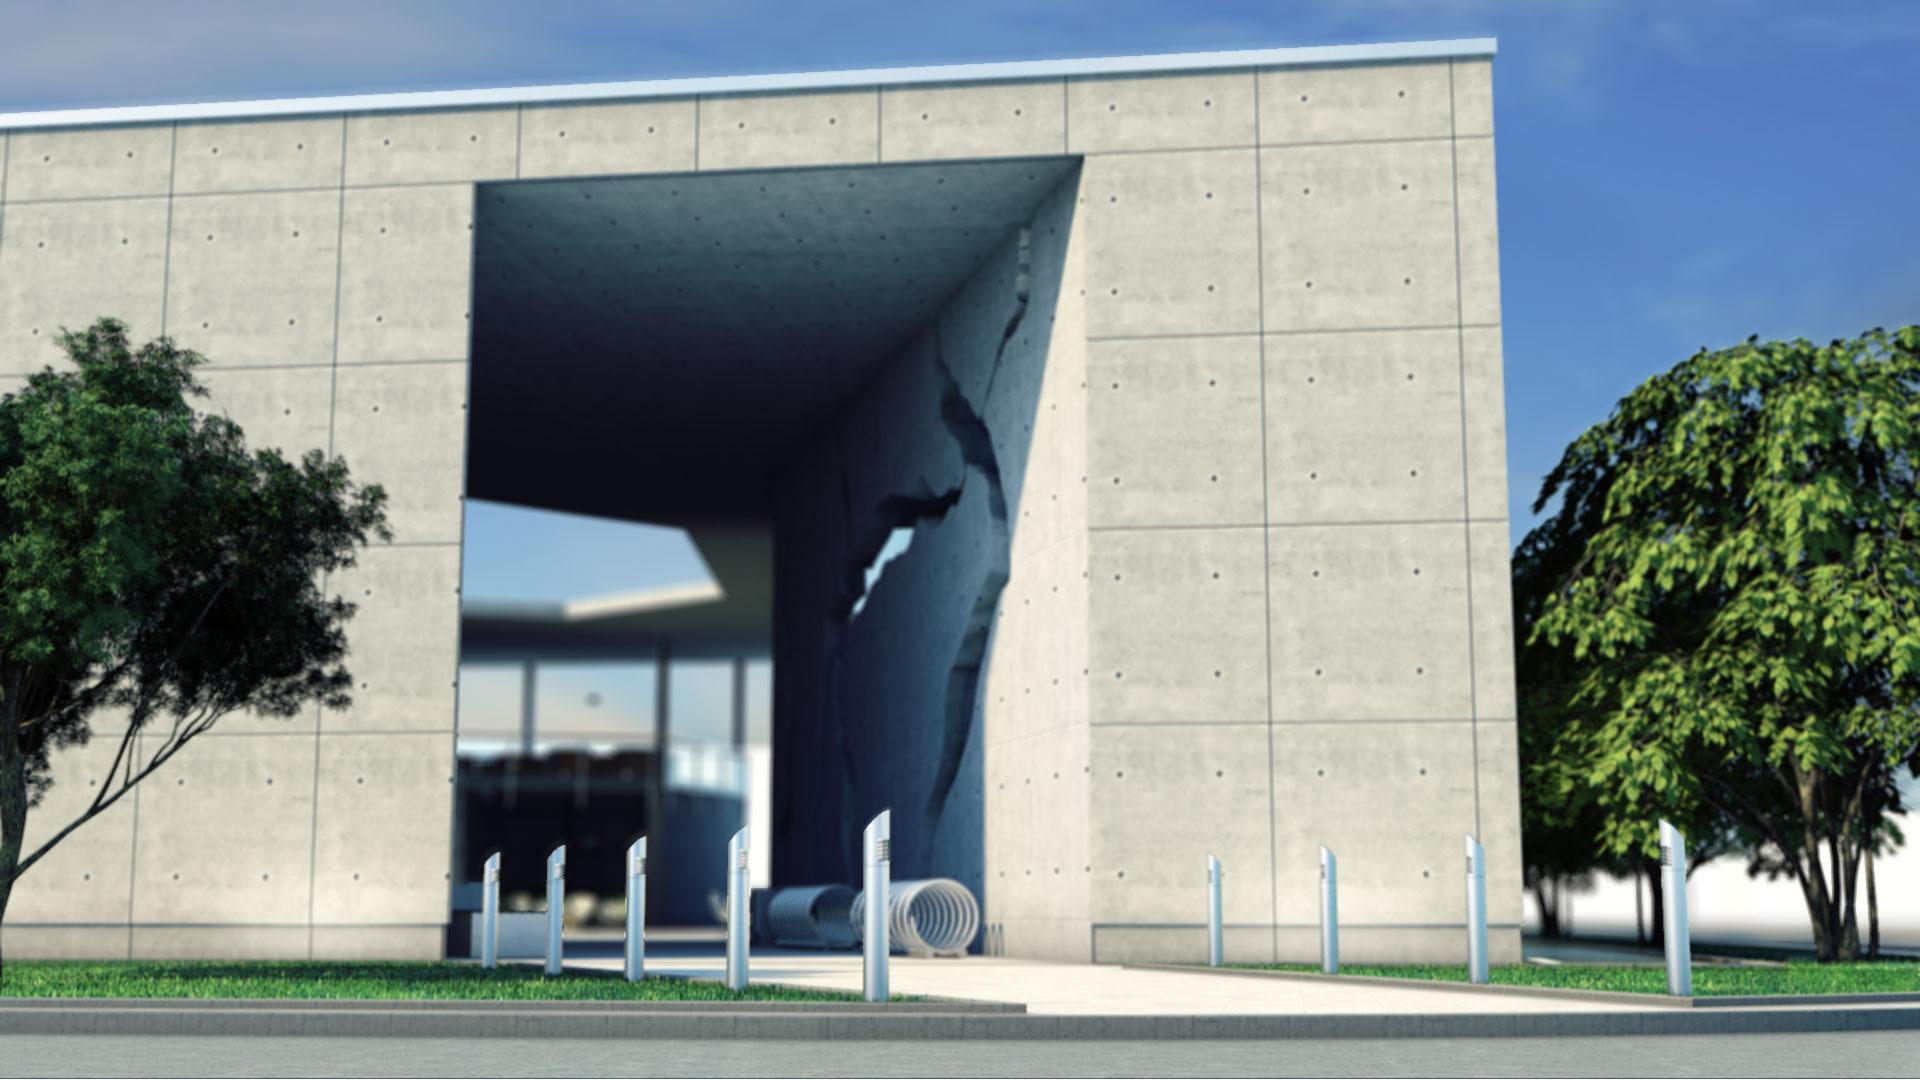 centrum szkoleniowe - strefa wejściowa